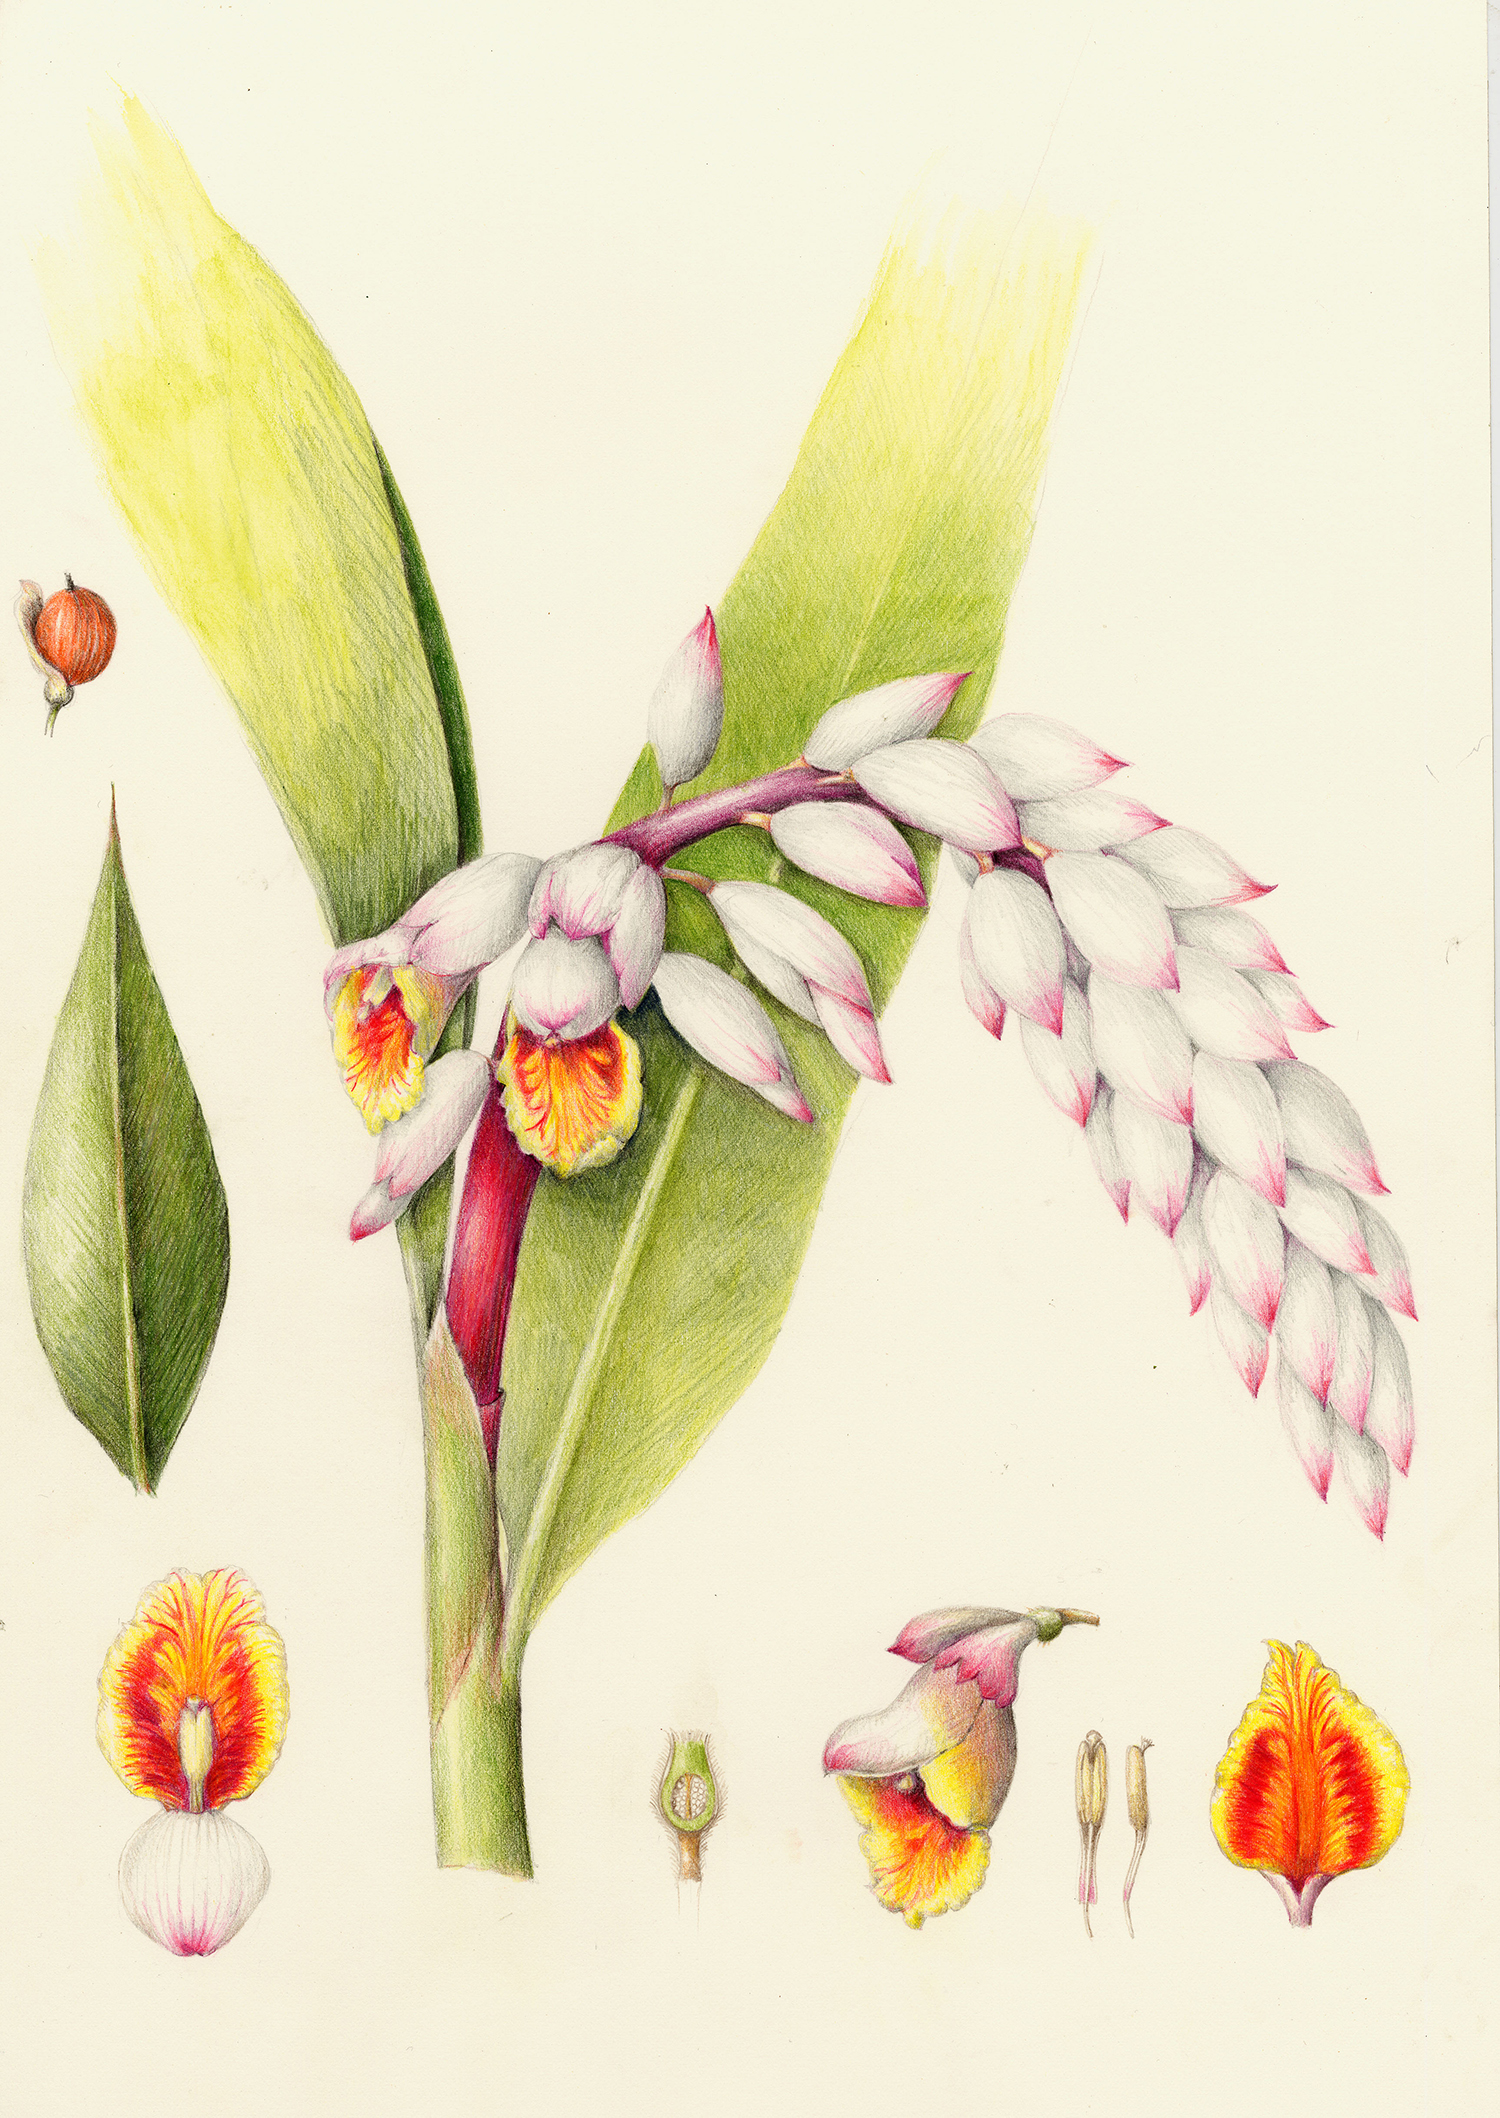 Shell Ginger - Alpina zerumbet